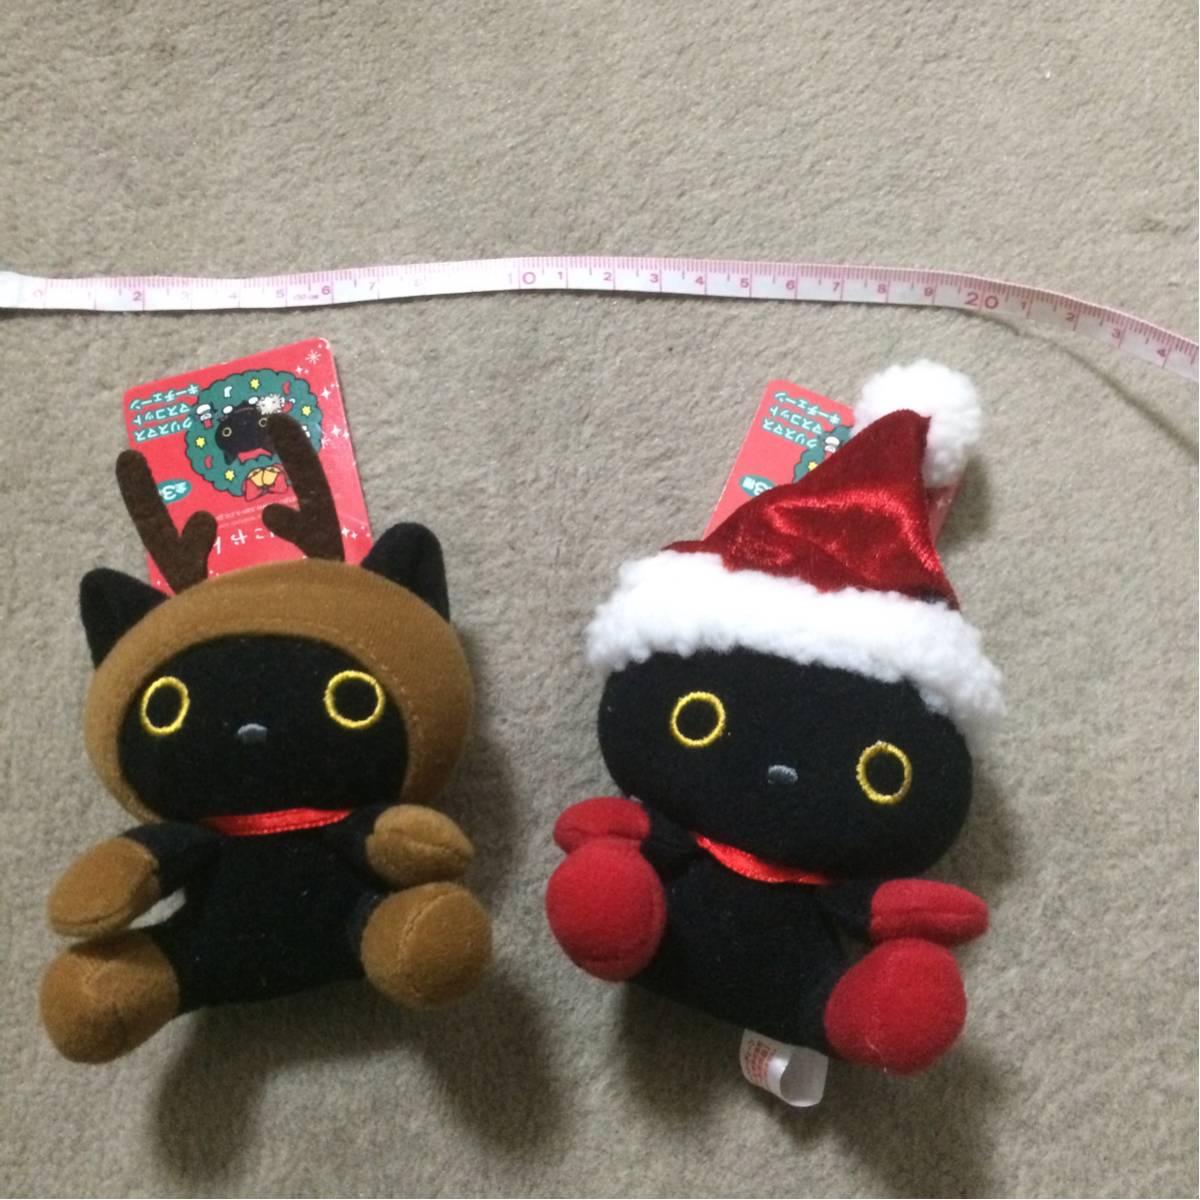 靴下にゃんこ◆クリスマスマスコットキーチェーン グッズの画像